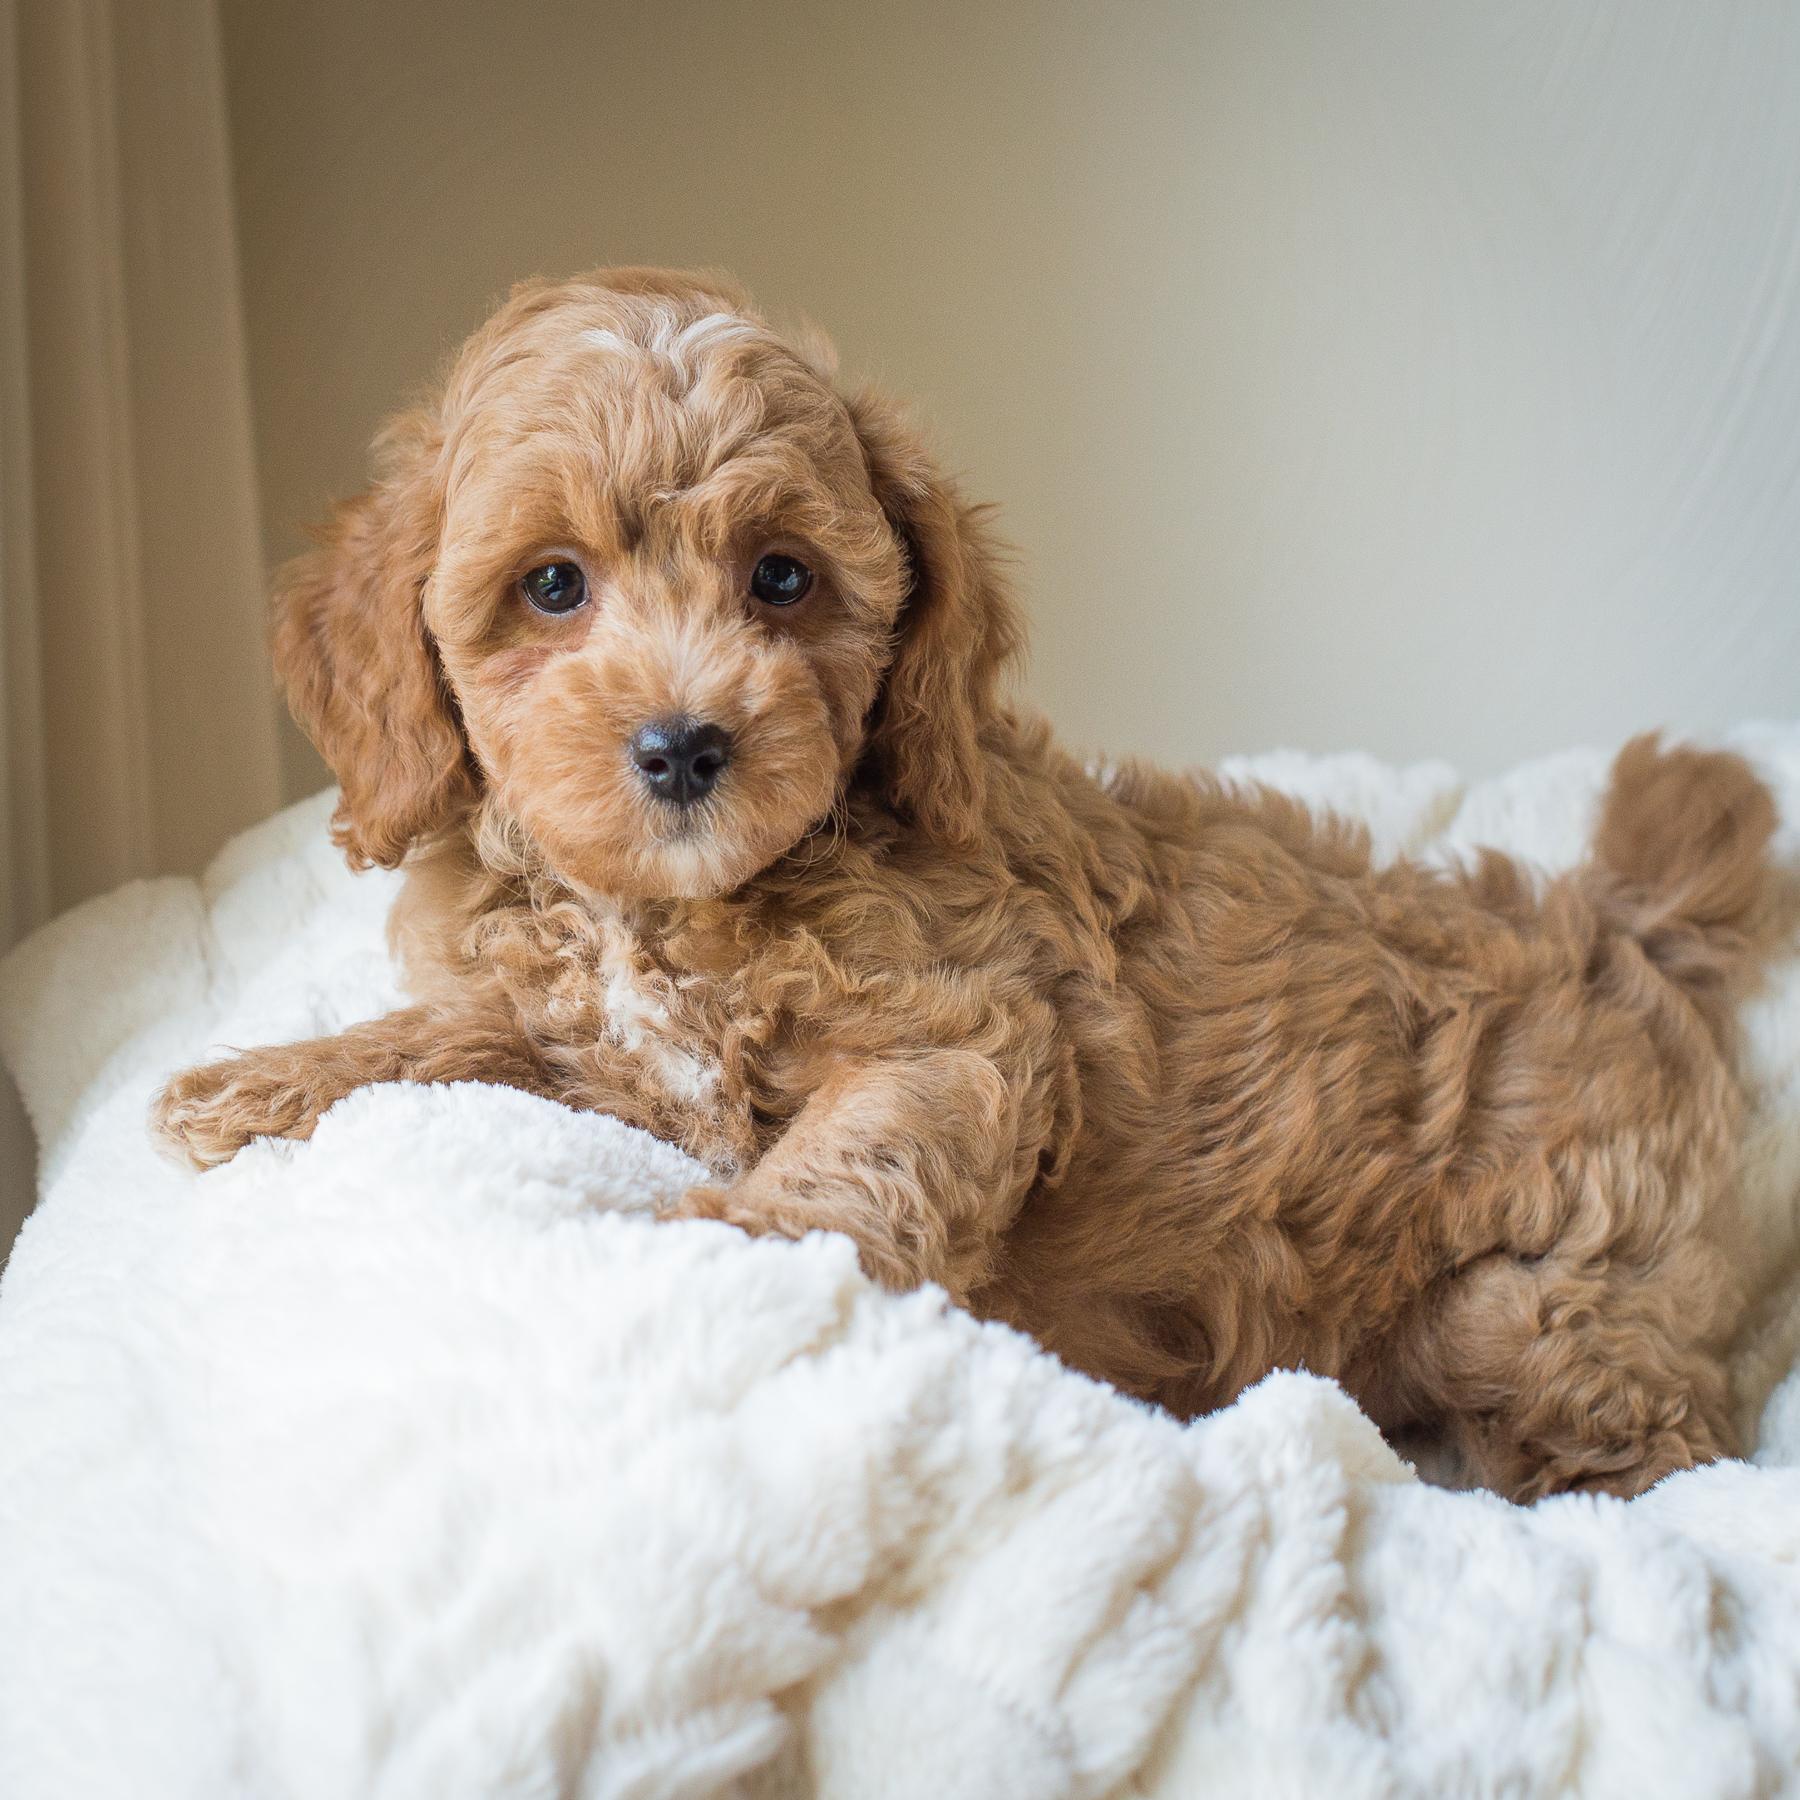 Percy, Susie - Cavapoochon Puppy.jpg